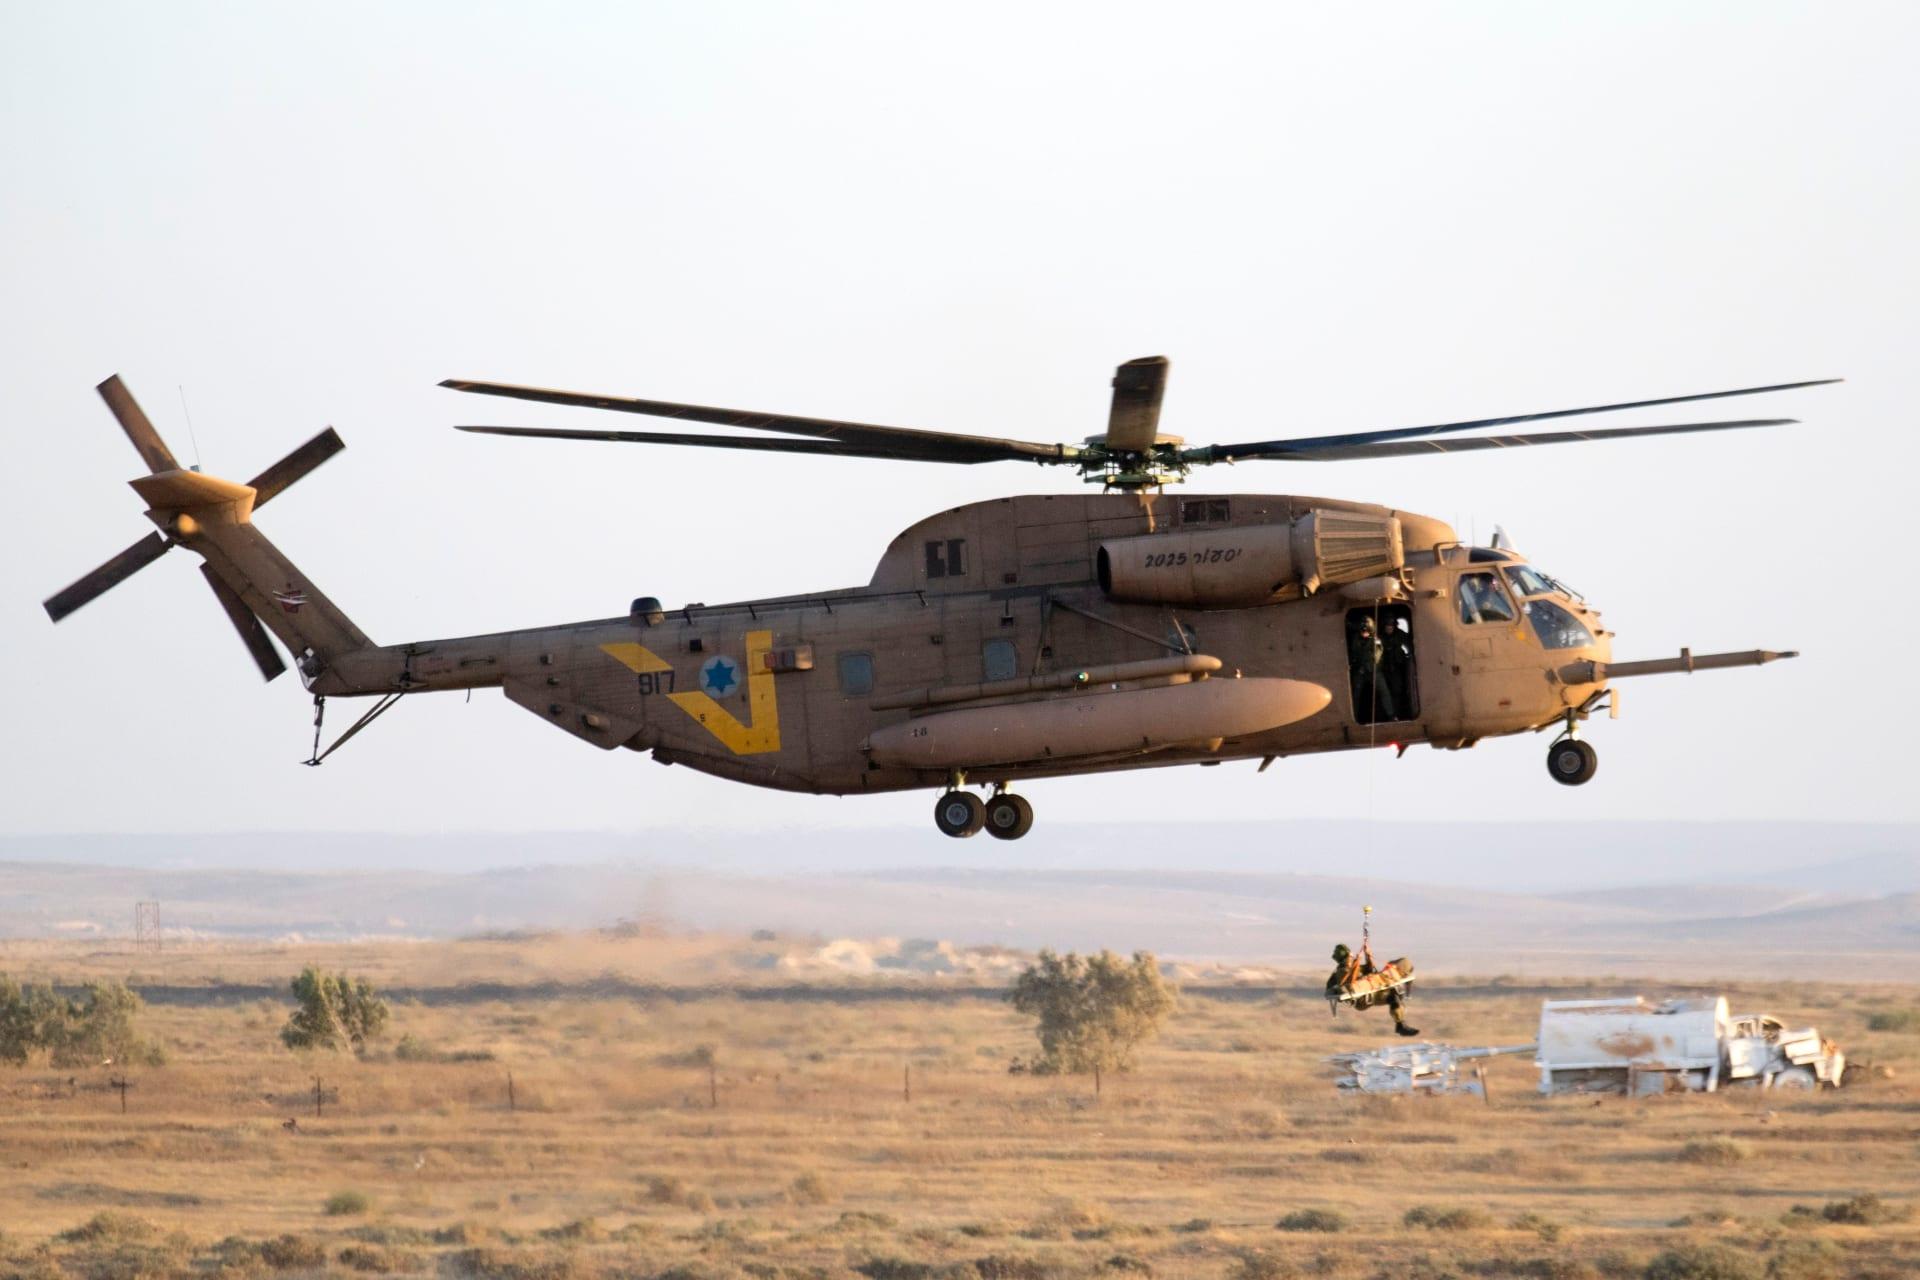 الجيش الإسرائيلي يعلن إخلاء جندي أمريكي مُصاب في تحطم مروحية قوات حفظ السلام بجنوب سيناء